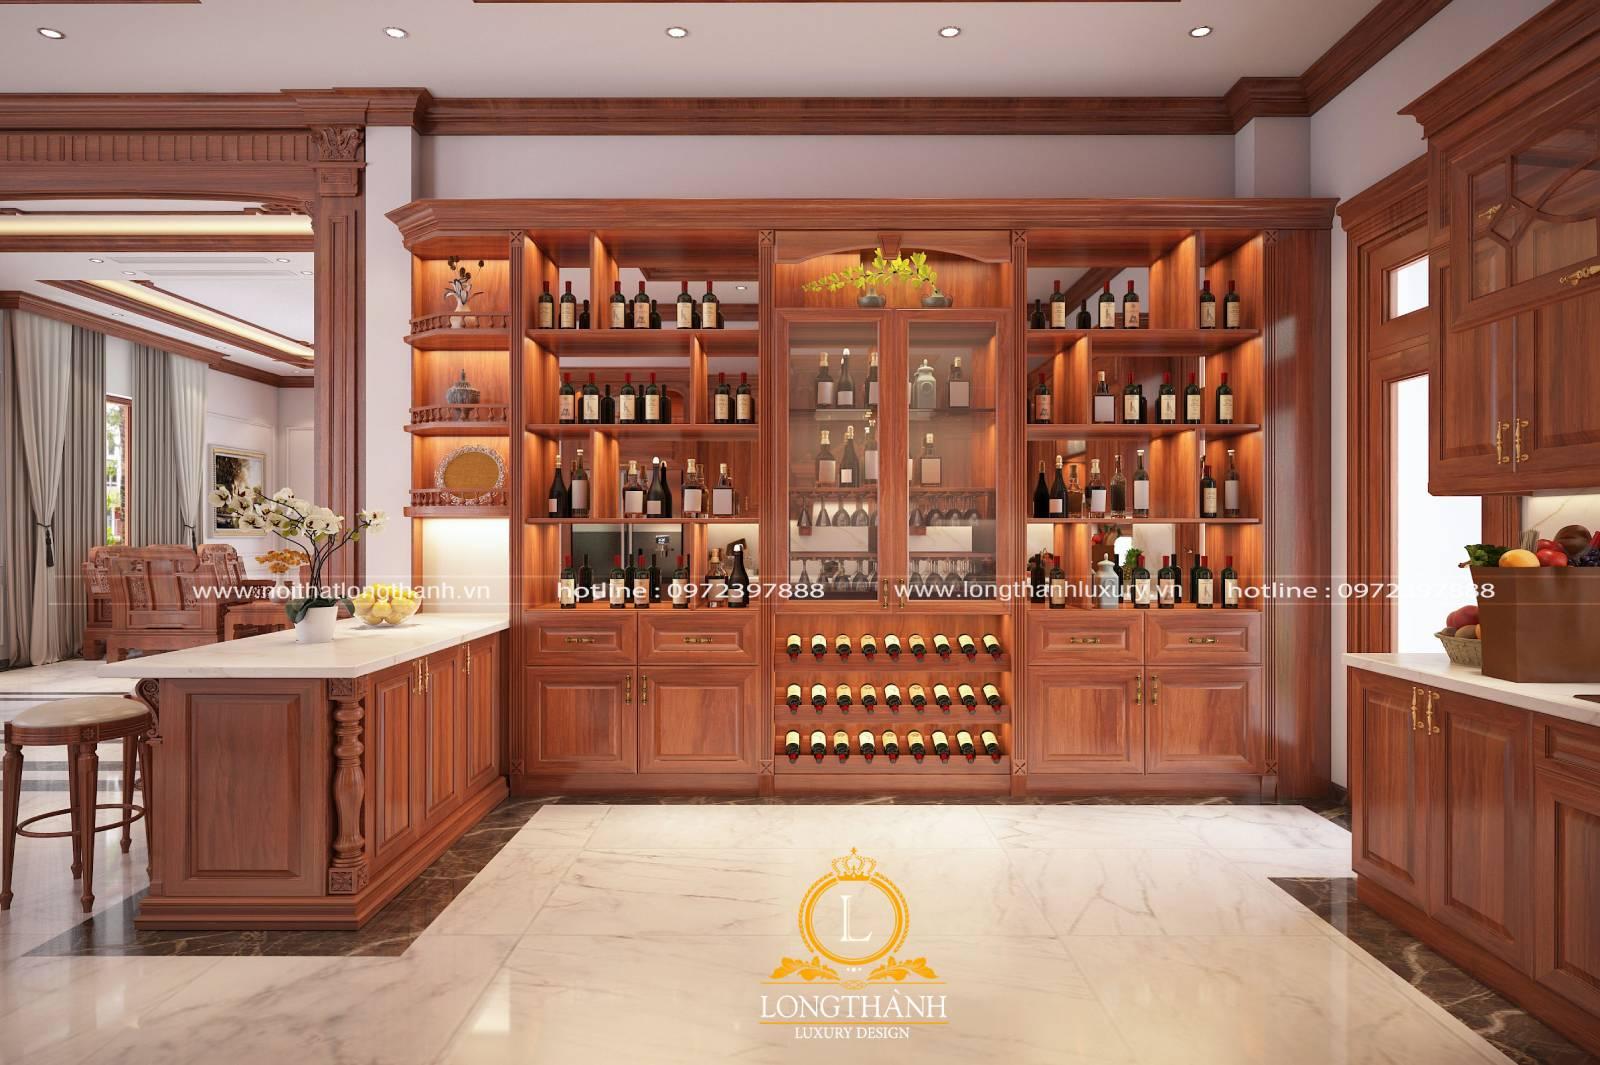 Phòng khác tân cổ điển liền phòng ăn sử dụng gỗ tự nhiên cao cấp